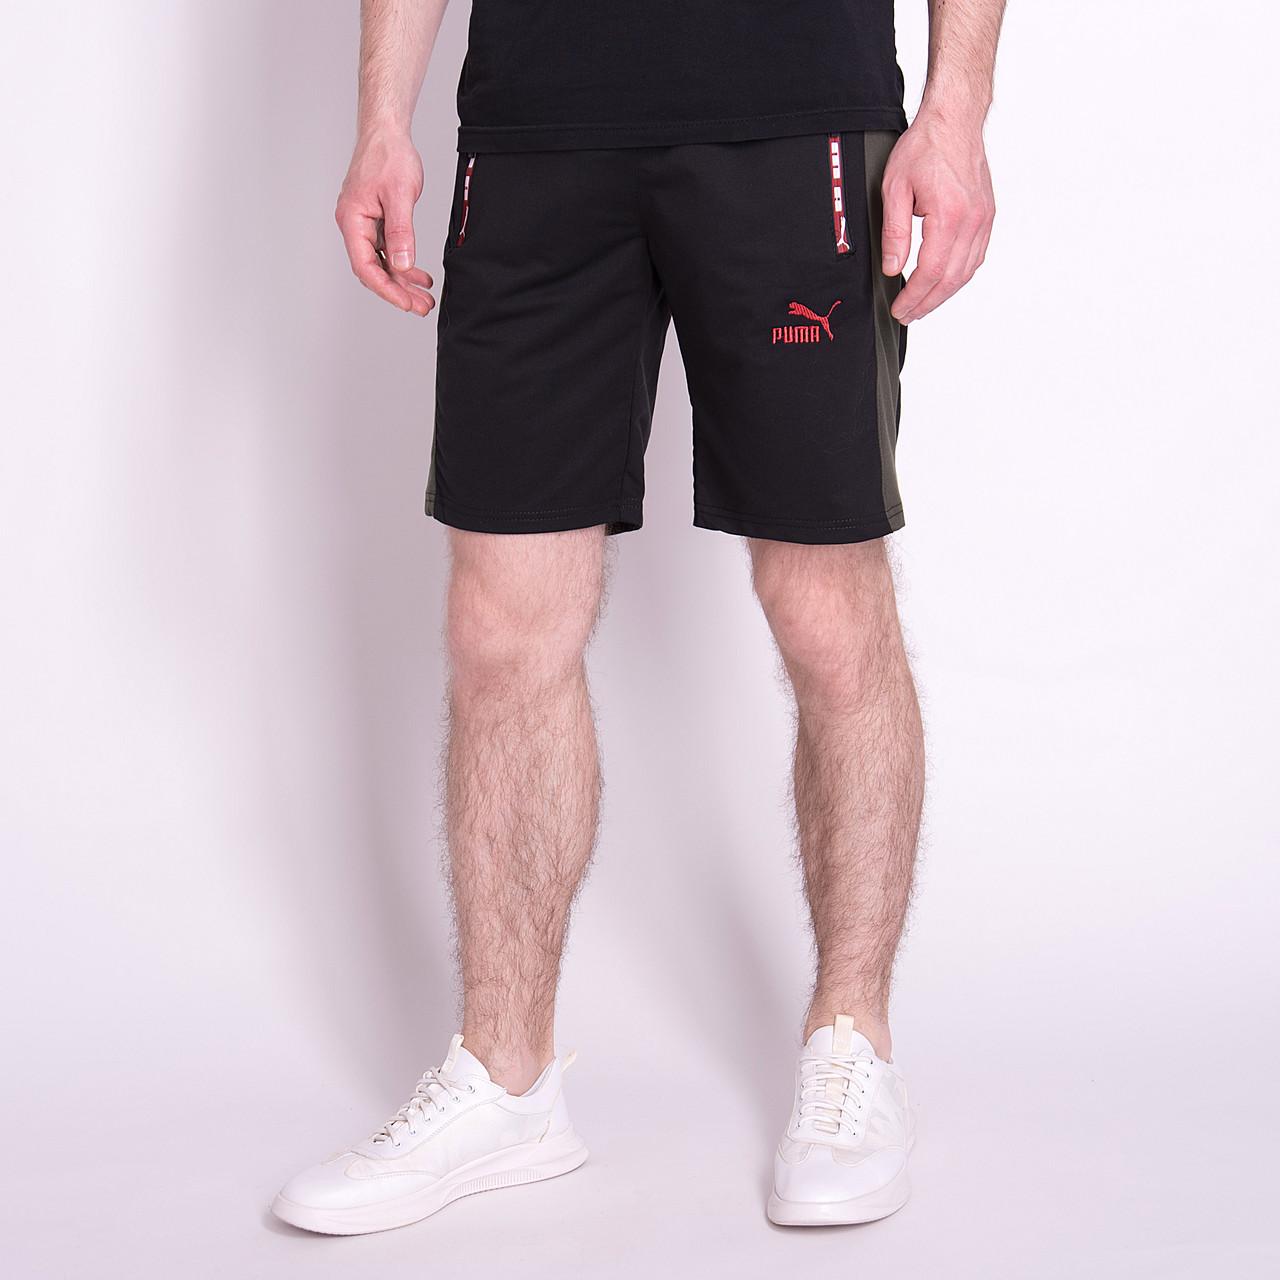 Чоловічі трикотажні шорти PUMA, чорного кольору